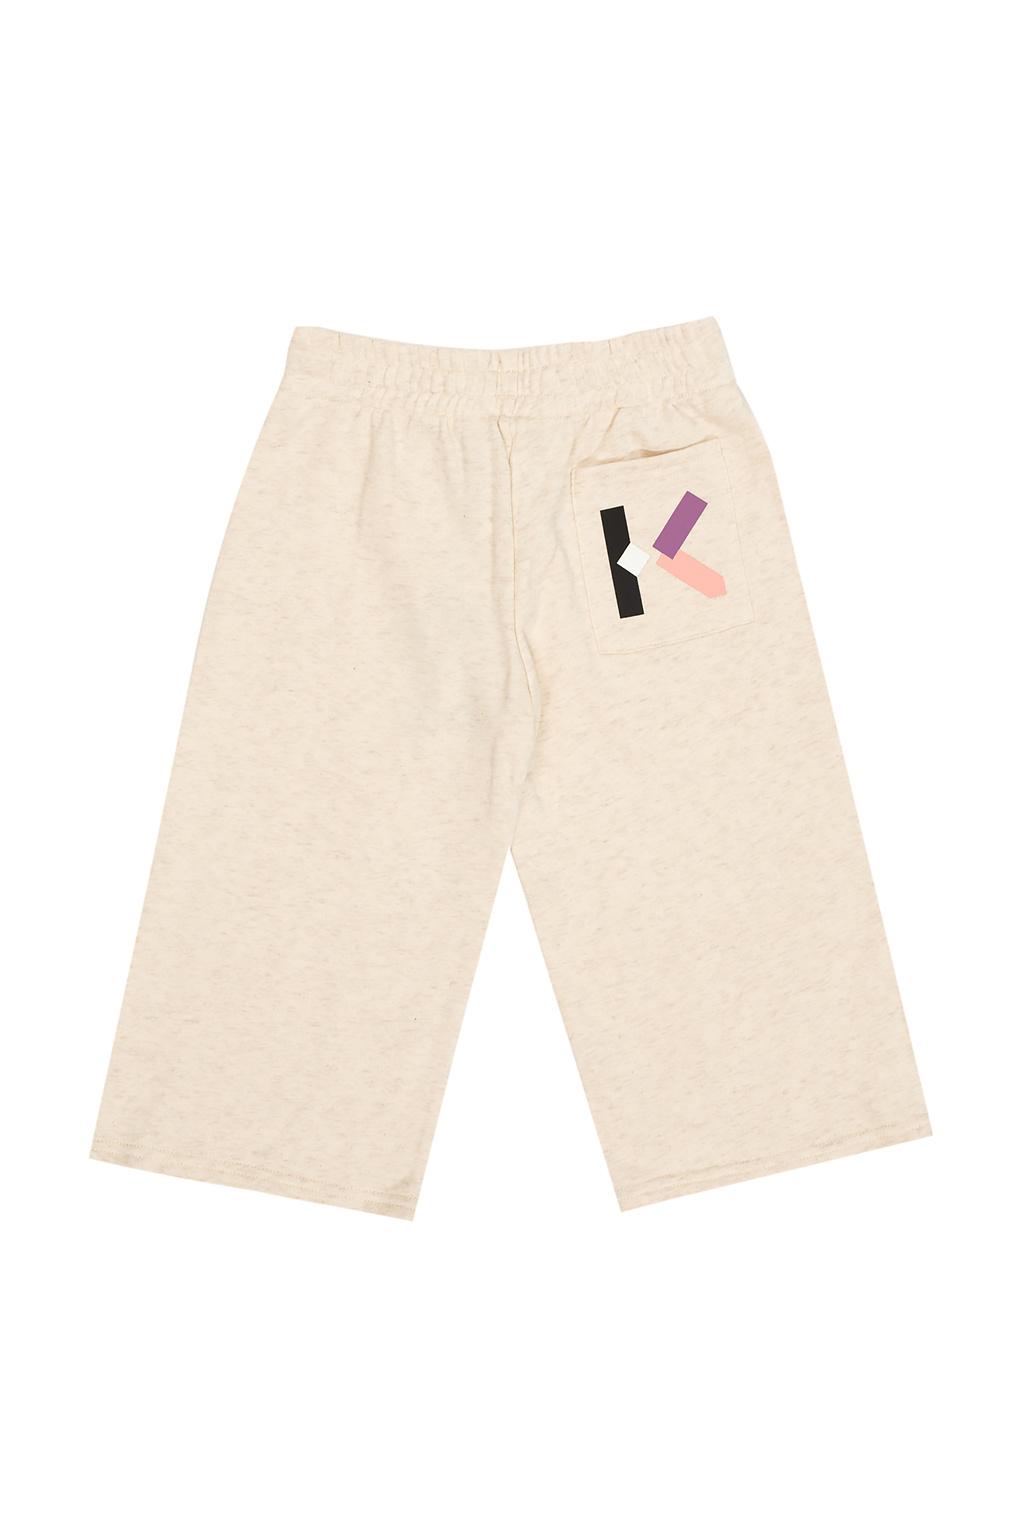 Kenzo Kids Logo-printed shorts